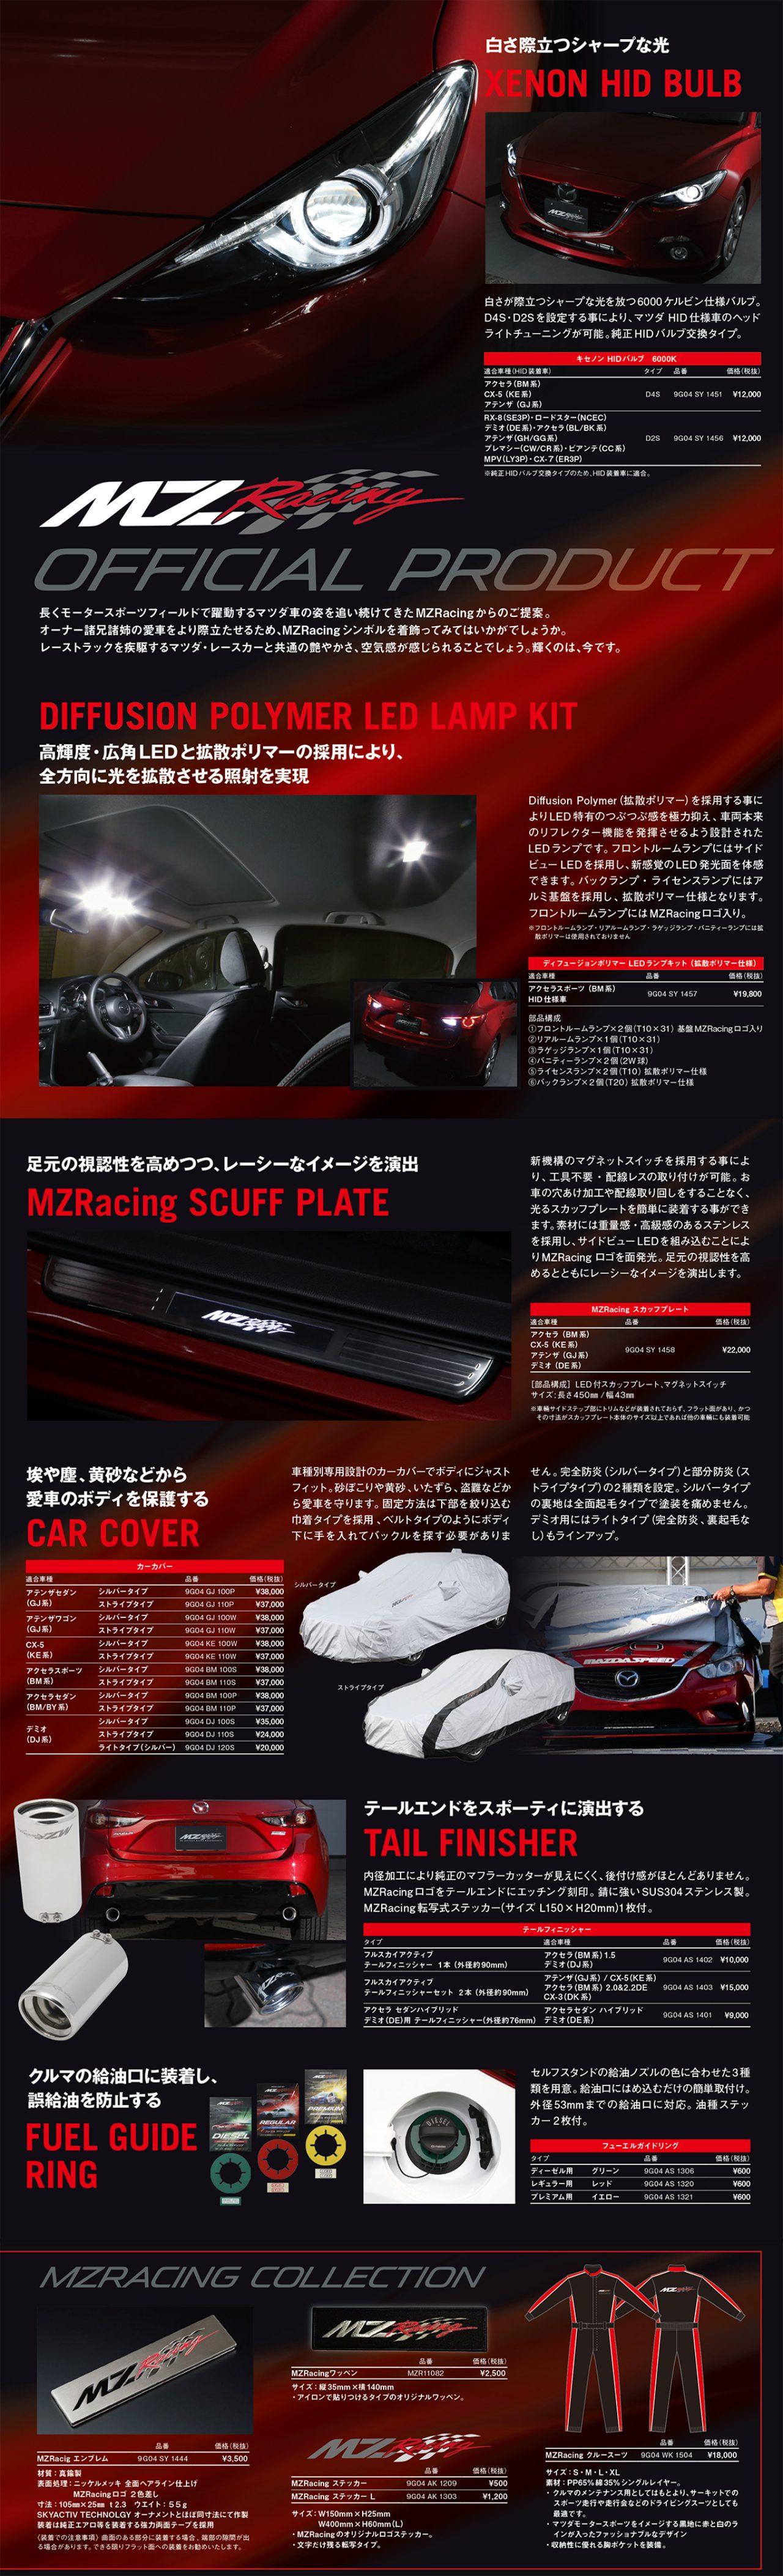 画像: store.mzracing.jp